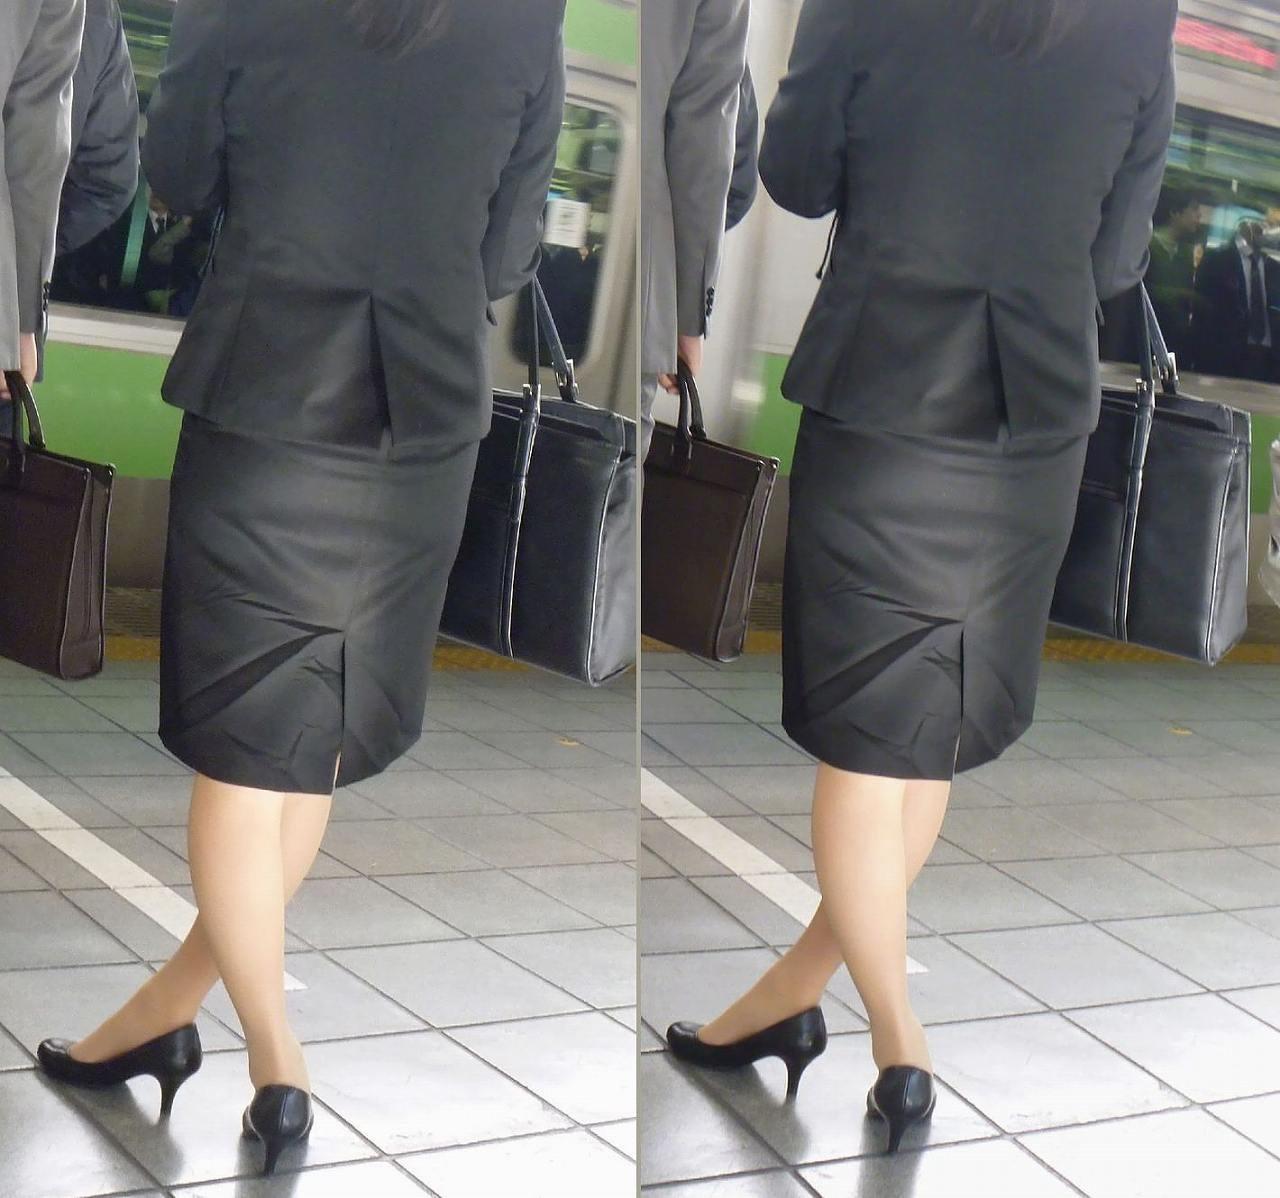 【着衣尻エロ画像】タイト最高!お尻の大きさ形が丸判りになる正装だなんてwww 02